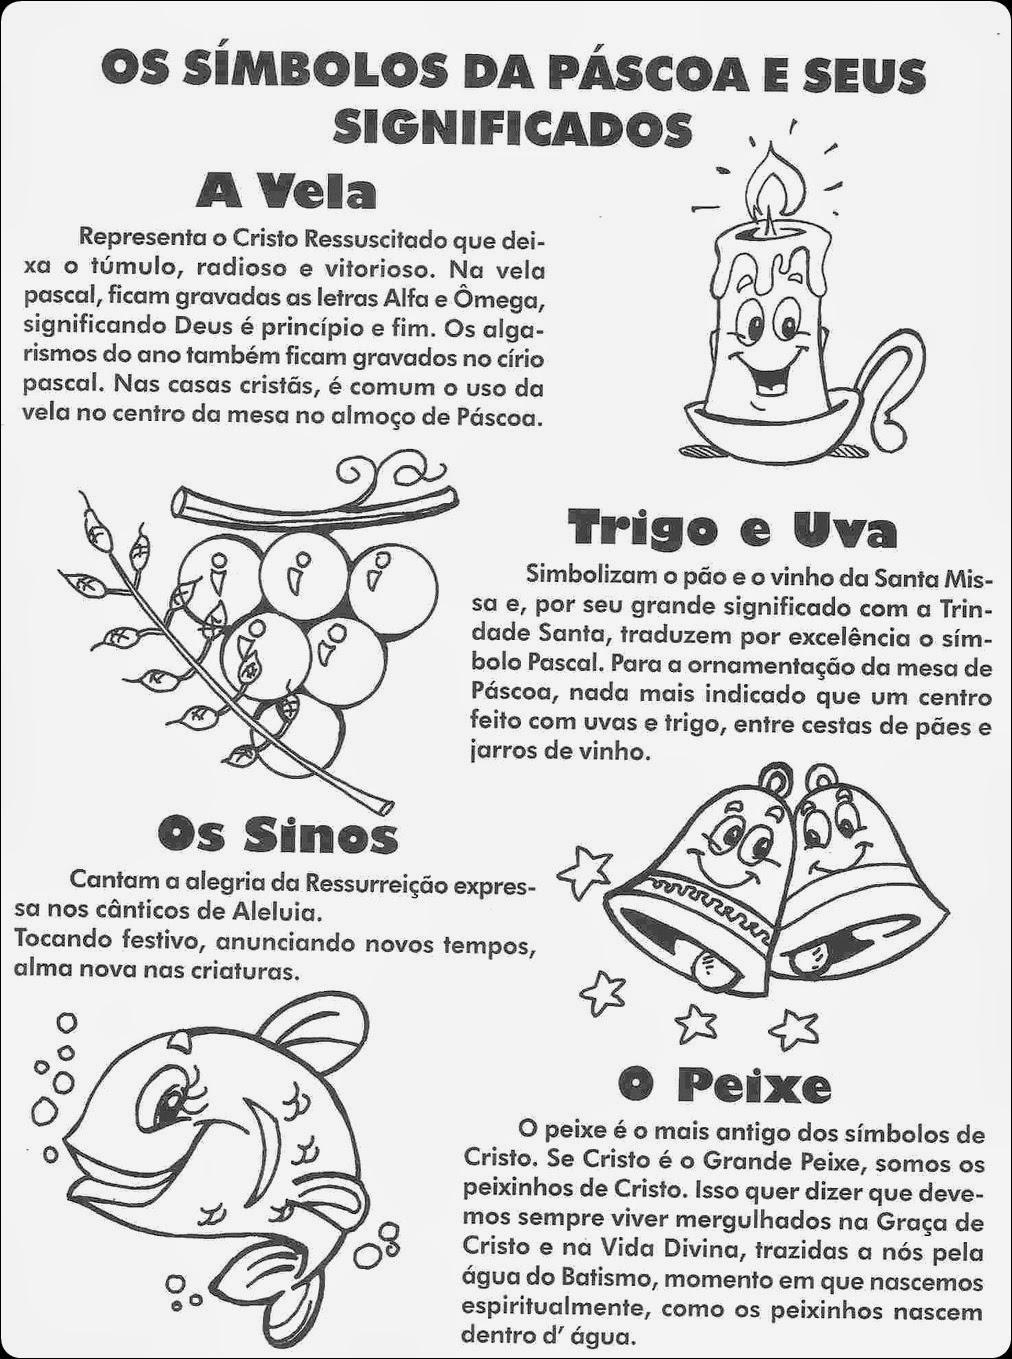 Blog Professor Zezinho Simbolos Da Pascoa E Seus Significados